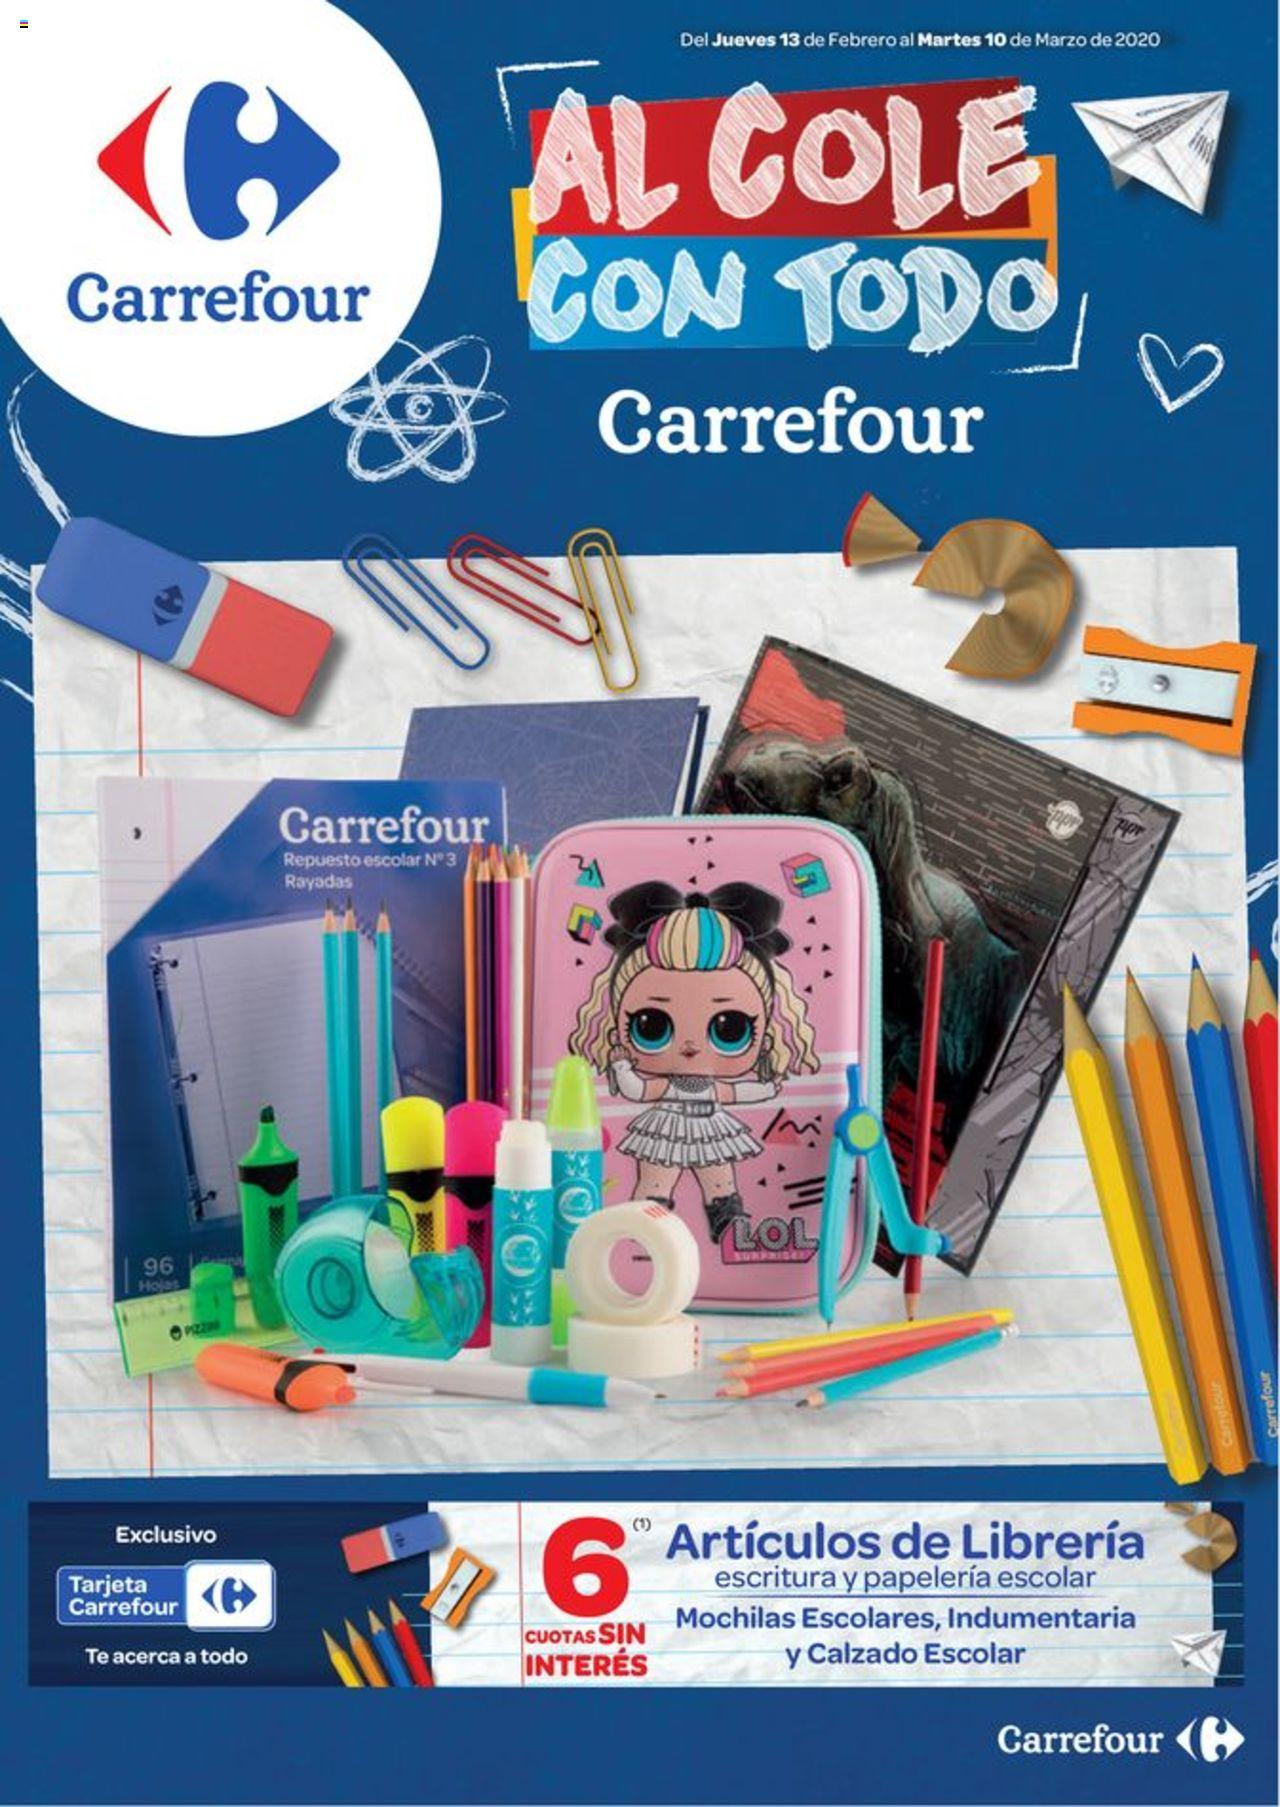 Carrefour Oferta válido desde el 13/02/2020 número de página 1 | Página: 1